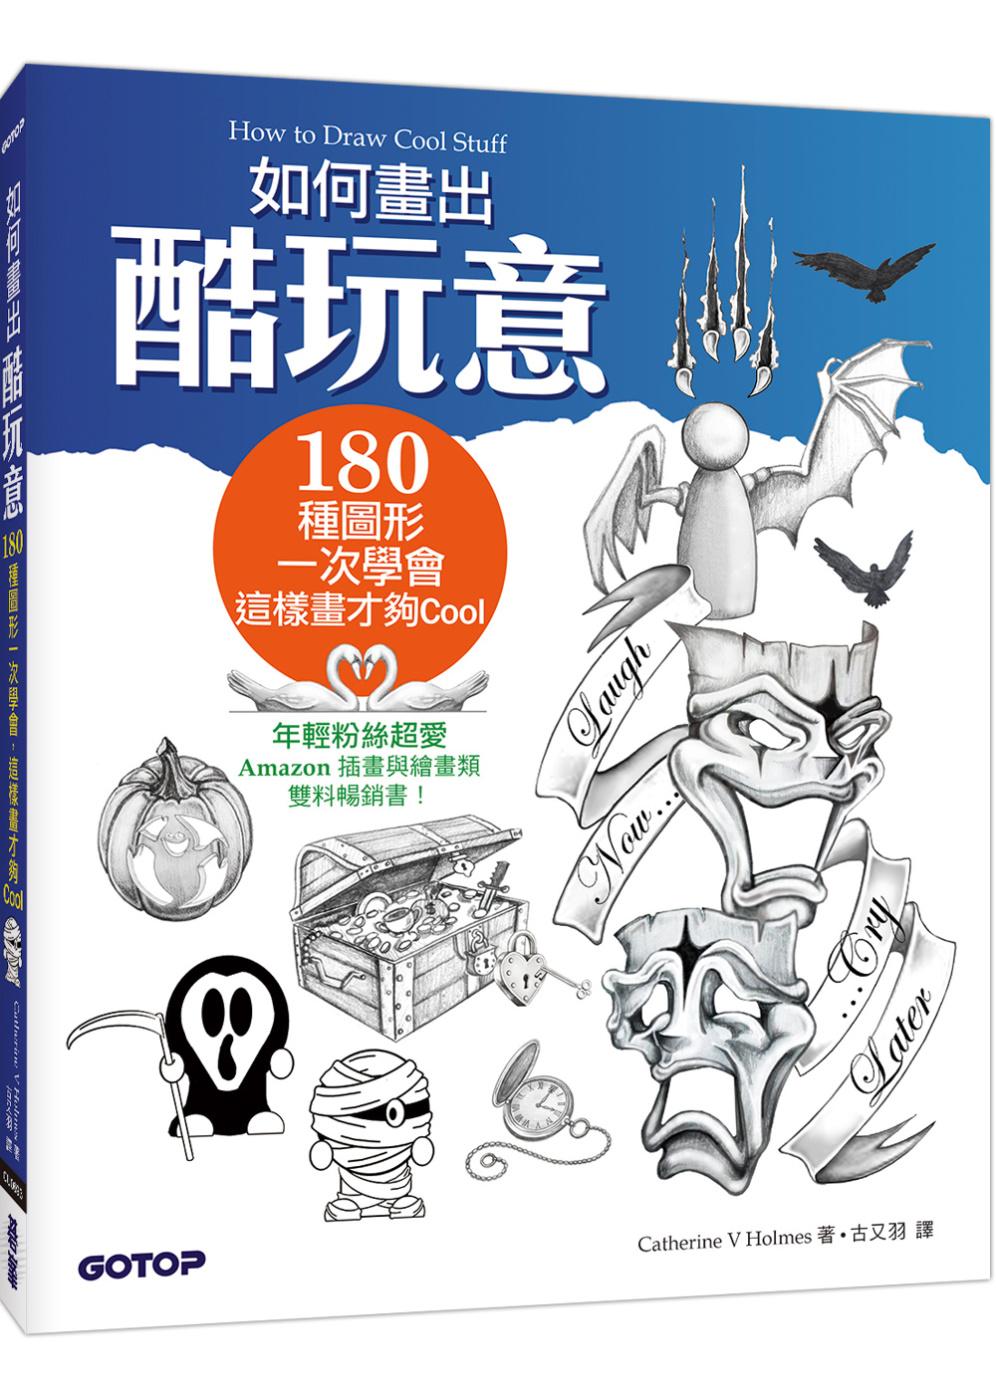 如何畫出酷玩意:180種圖形一次學會,這樣畫才夠Cool (Amazon超過200則好評,插畫與繪畫雙料暢銷書!)